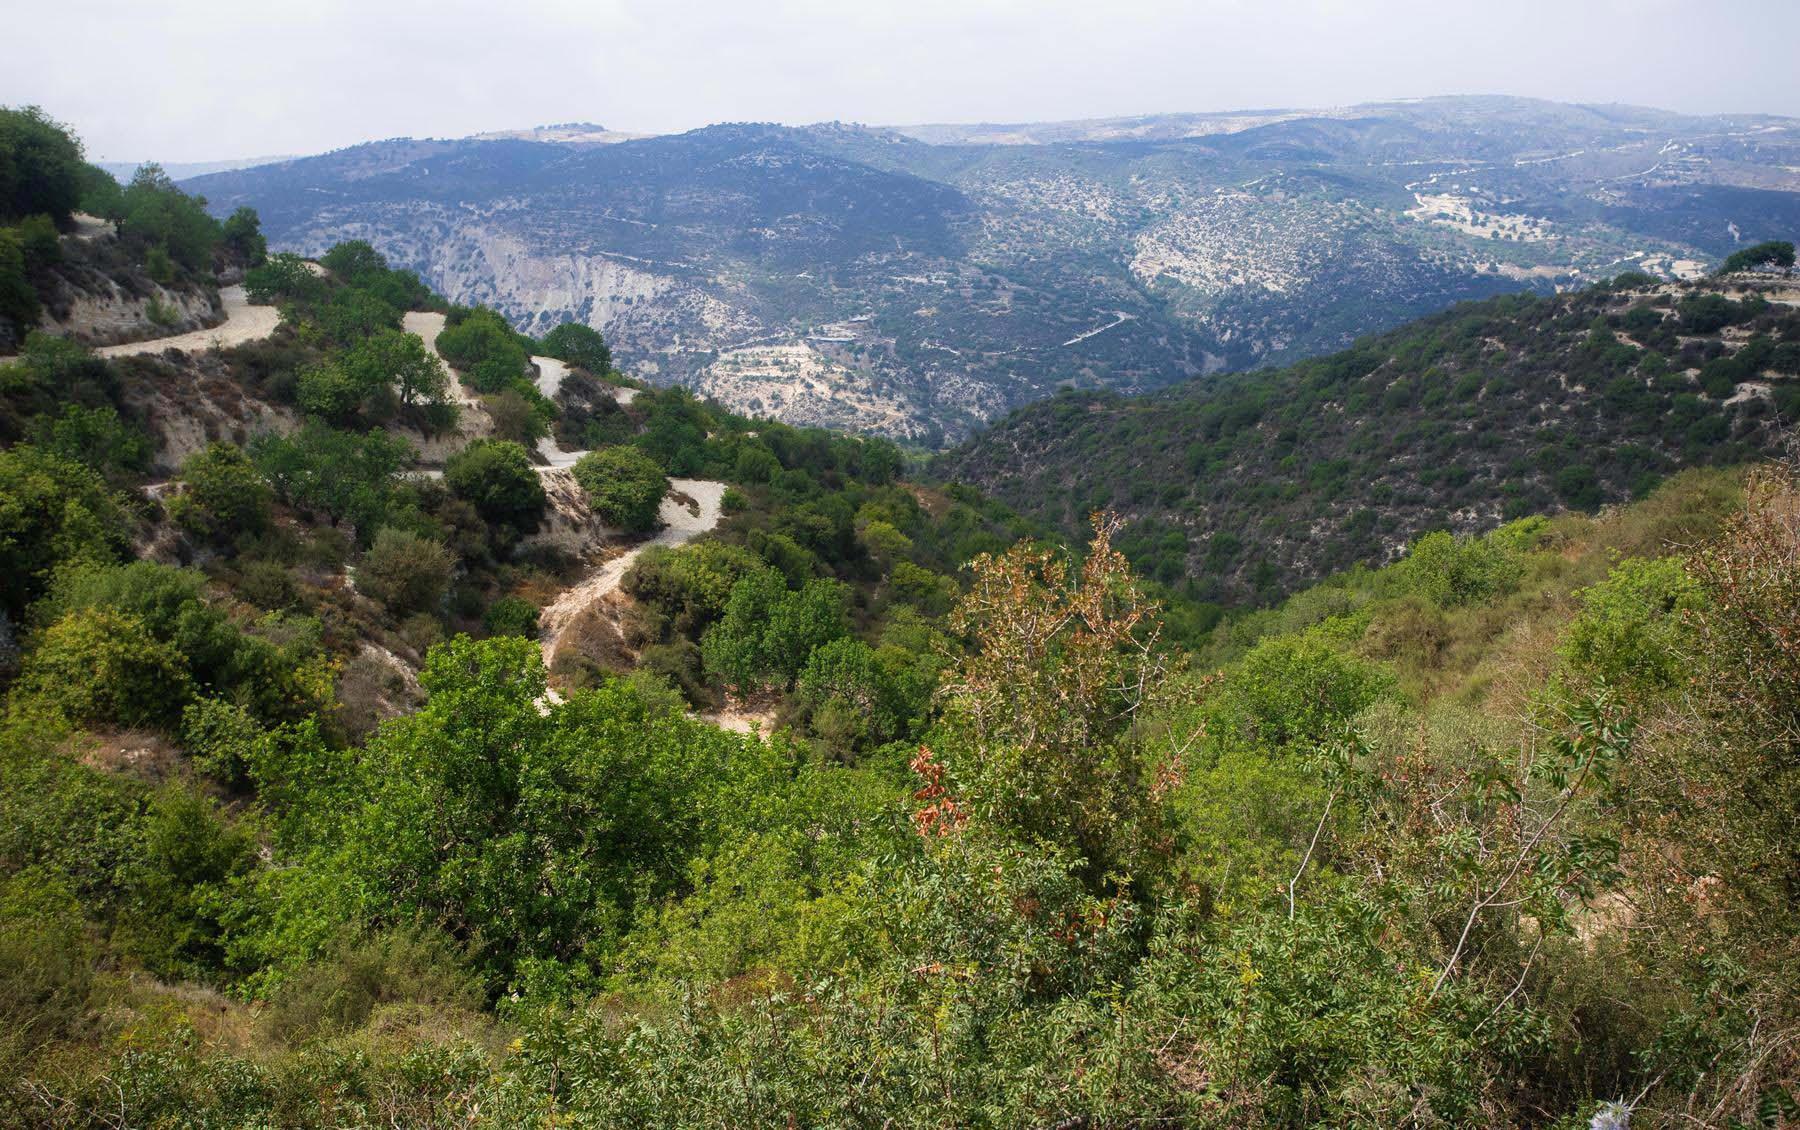 Красивые виды горных пейзажей и тяжелая дорога к купальням Адониса